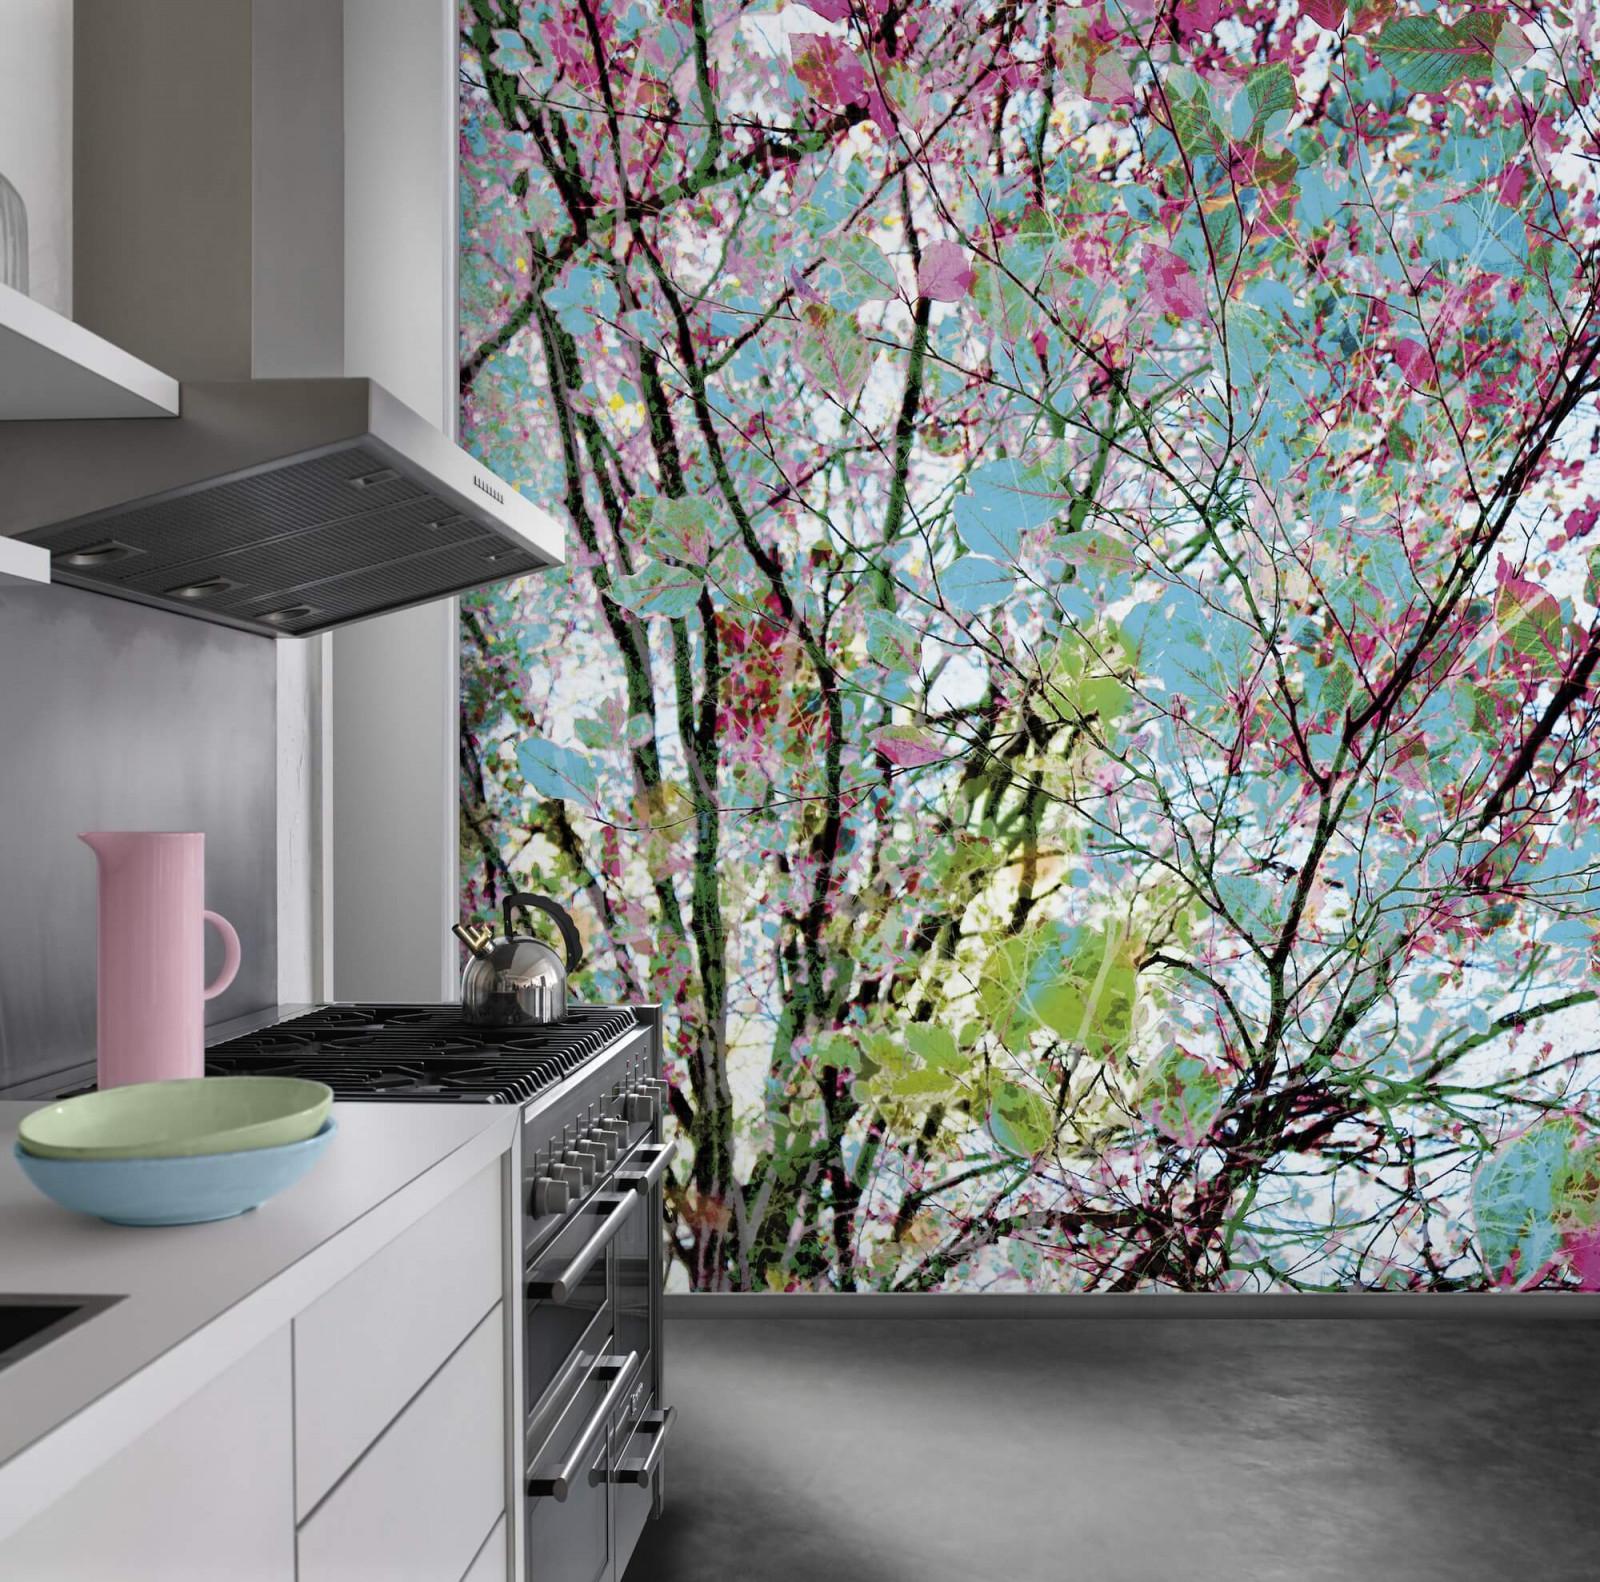 Fototapete Vliestapete 3D Tapete  Mehr – Jetzt Bei Rasch von Bunte Tapeten Wohnzimmer Bild